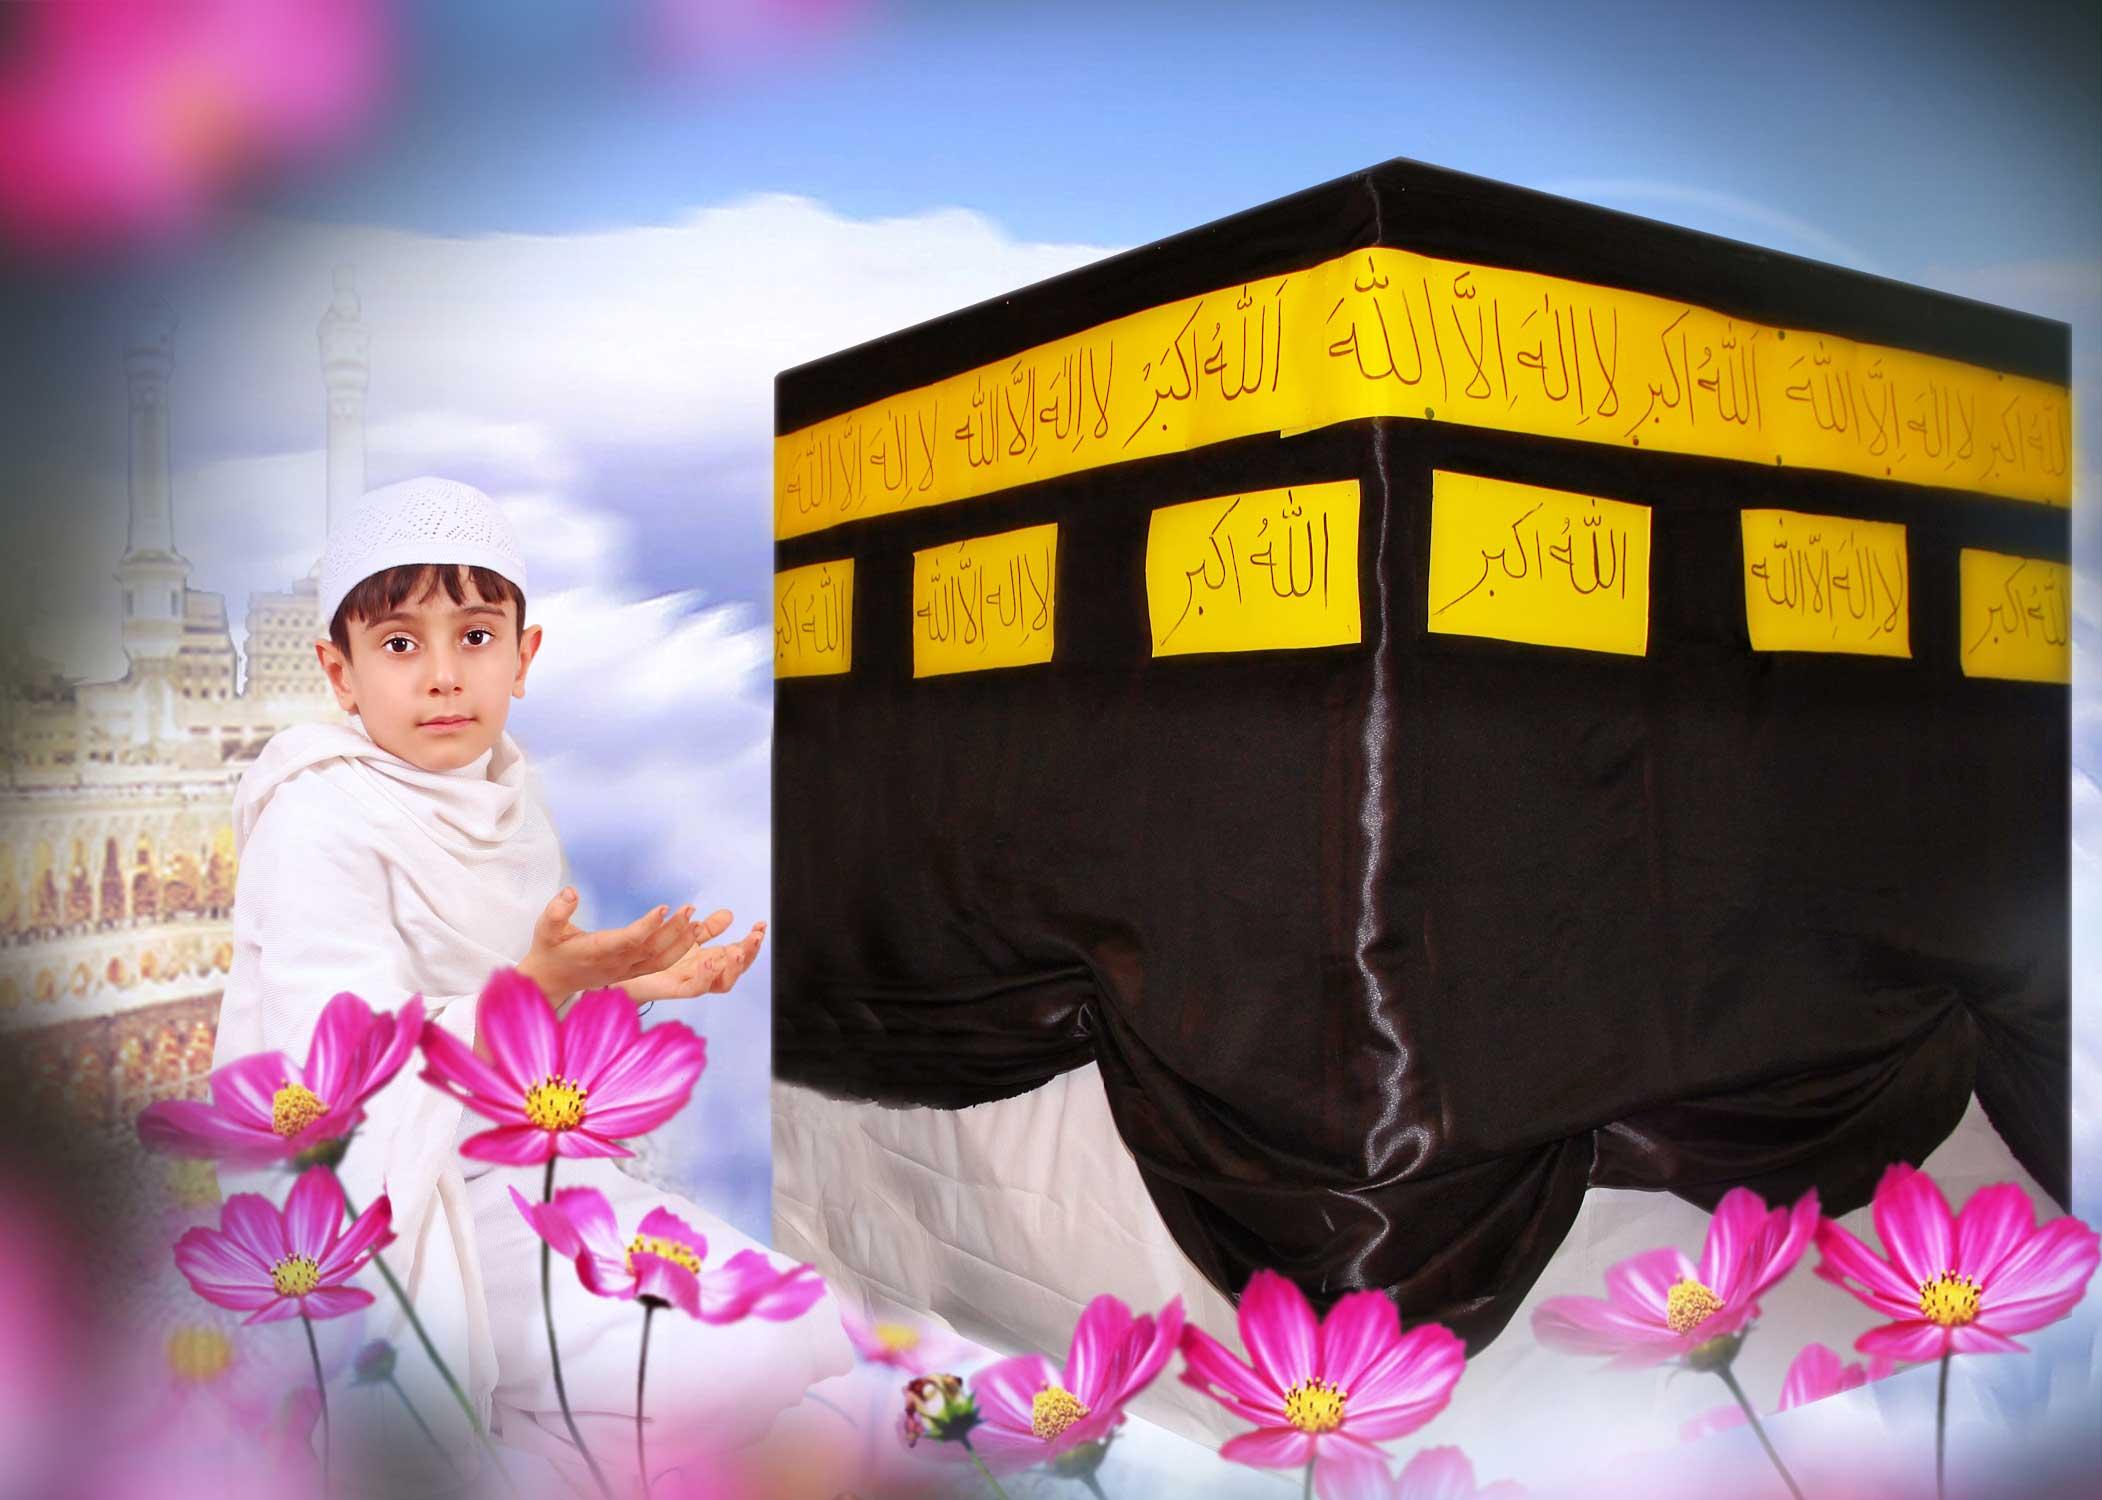 عکس عید قربان و مکه در مدارس و مهدکودک دکور نوروز با دکور توسط سهراب نعیمی مهدکودکها عکس کودک دکور خاص